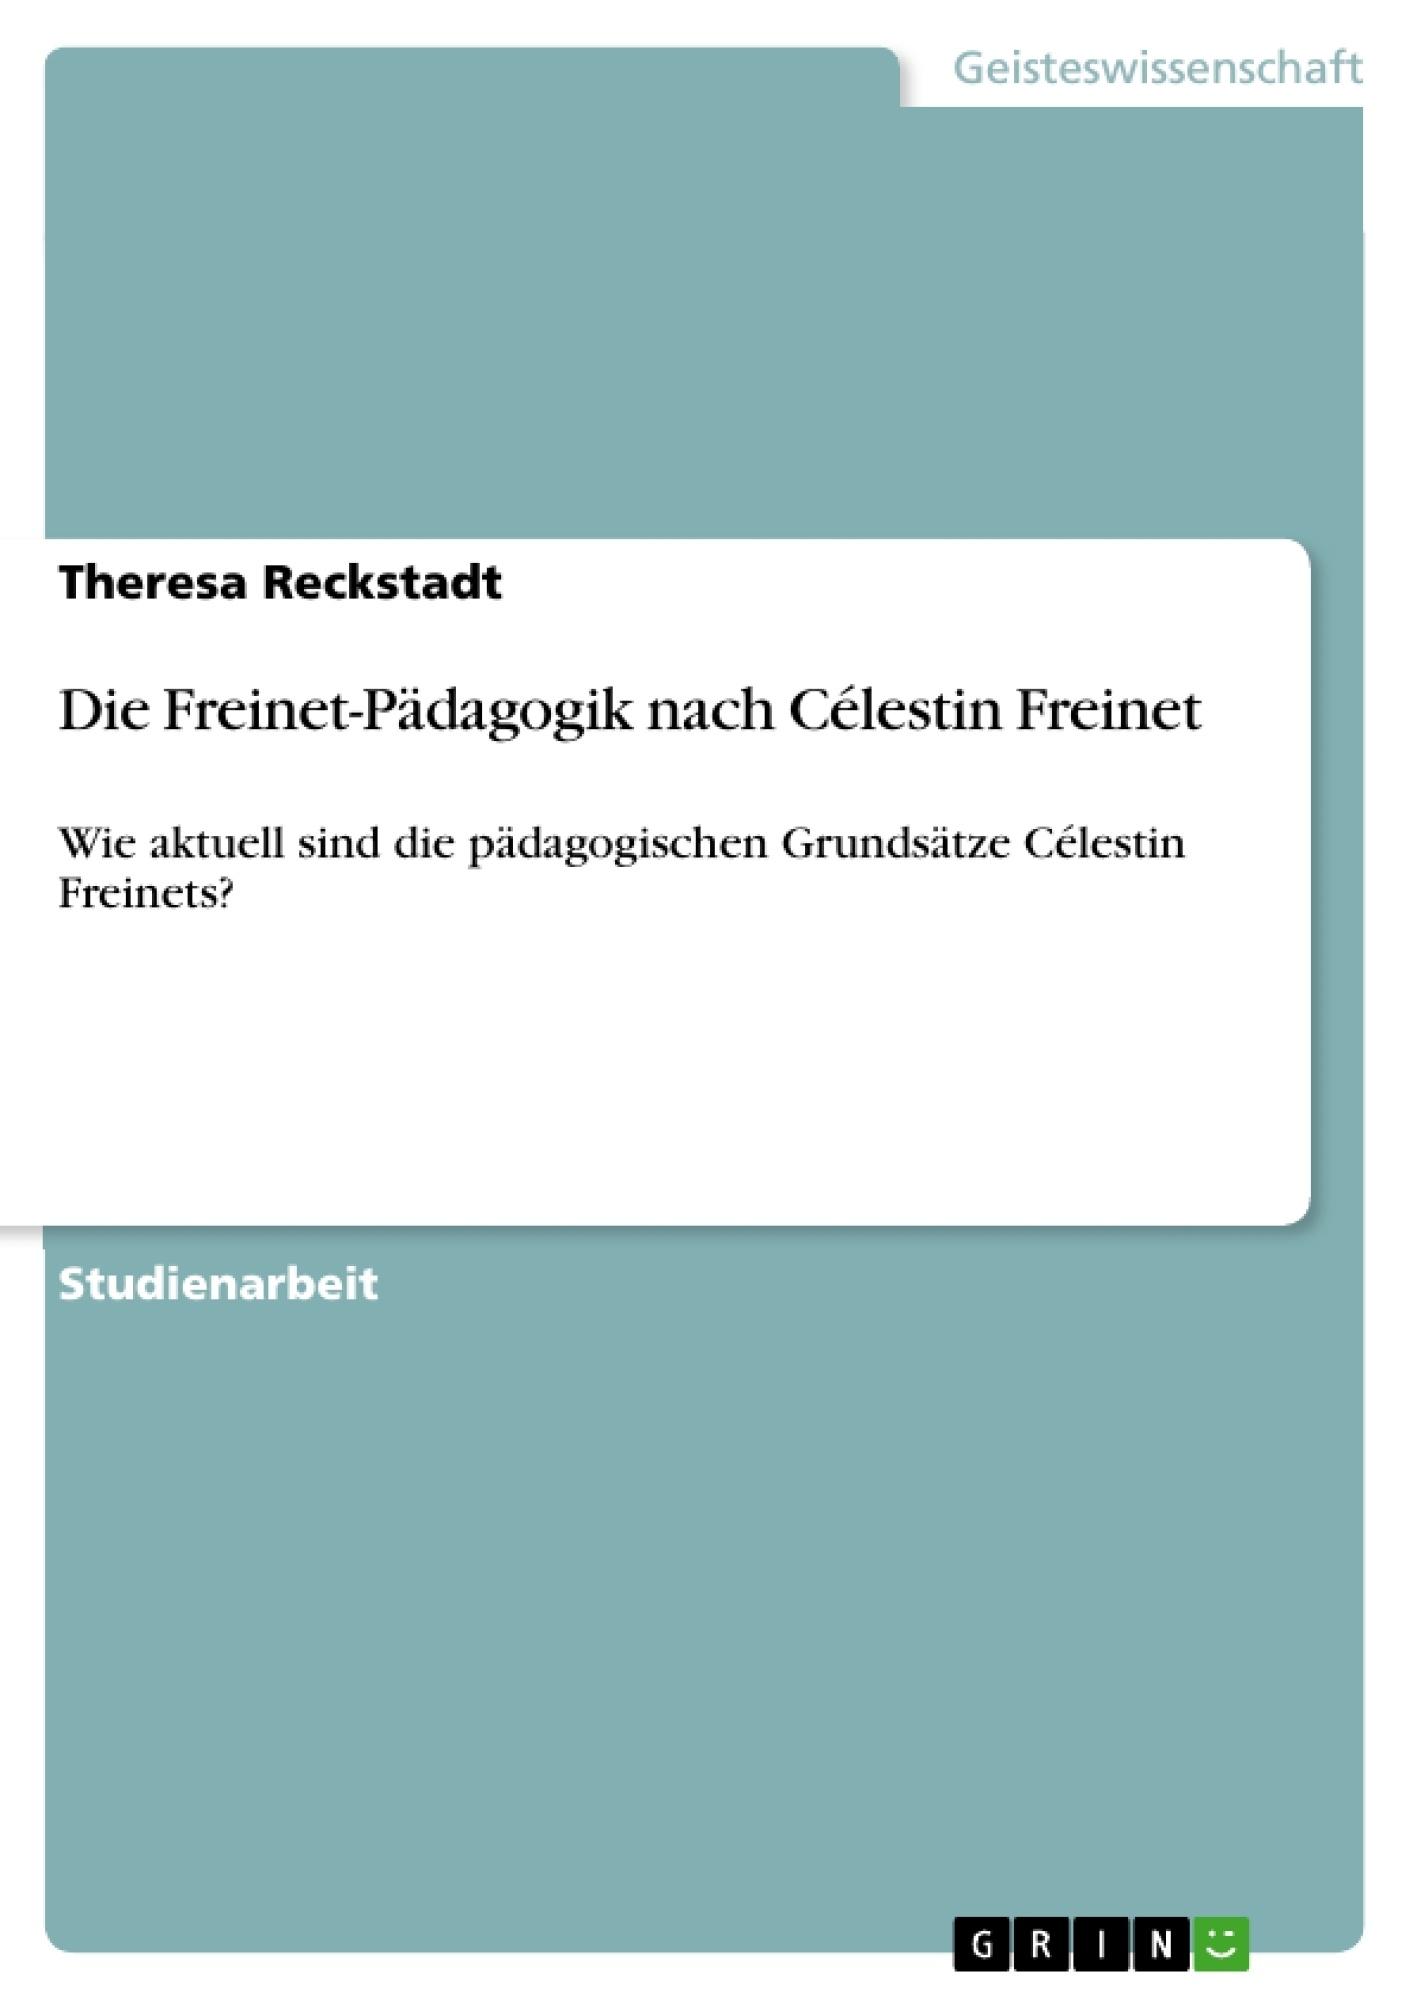 Titel: Die Freinet-Pädagogik nach Célestin Freinet